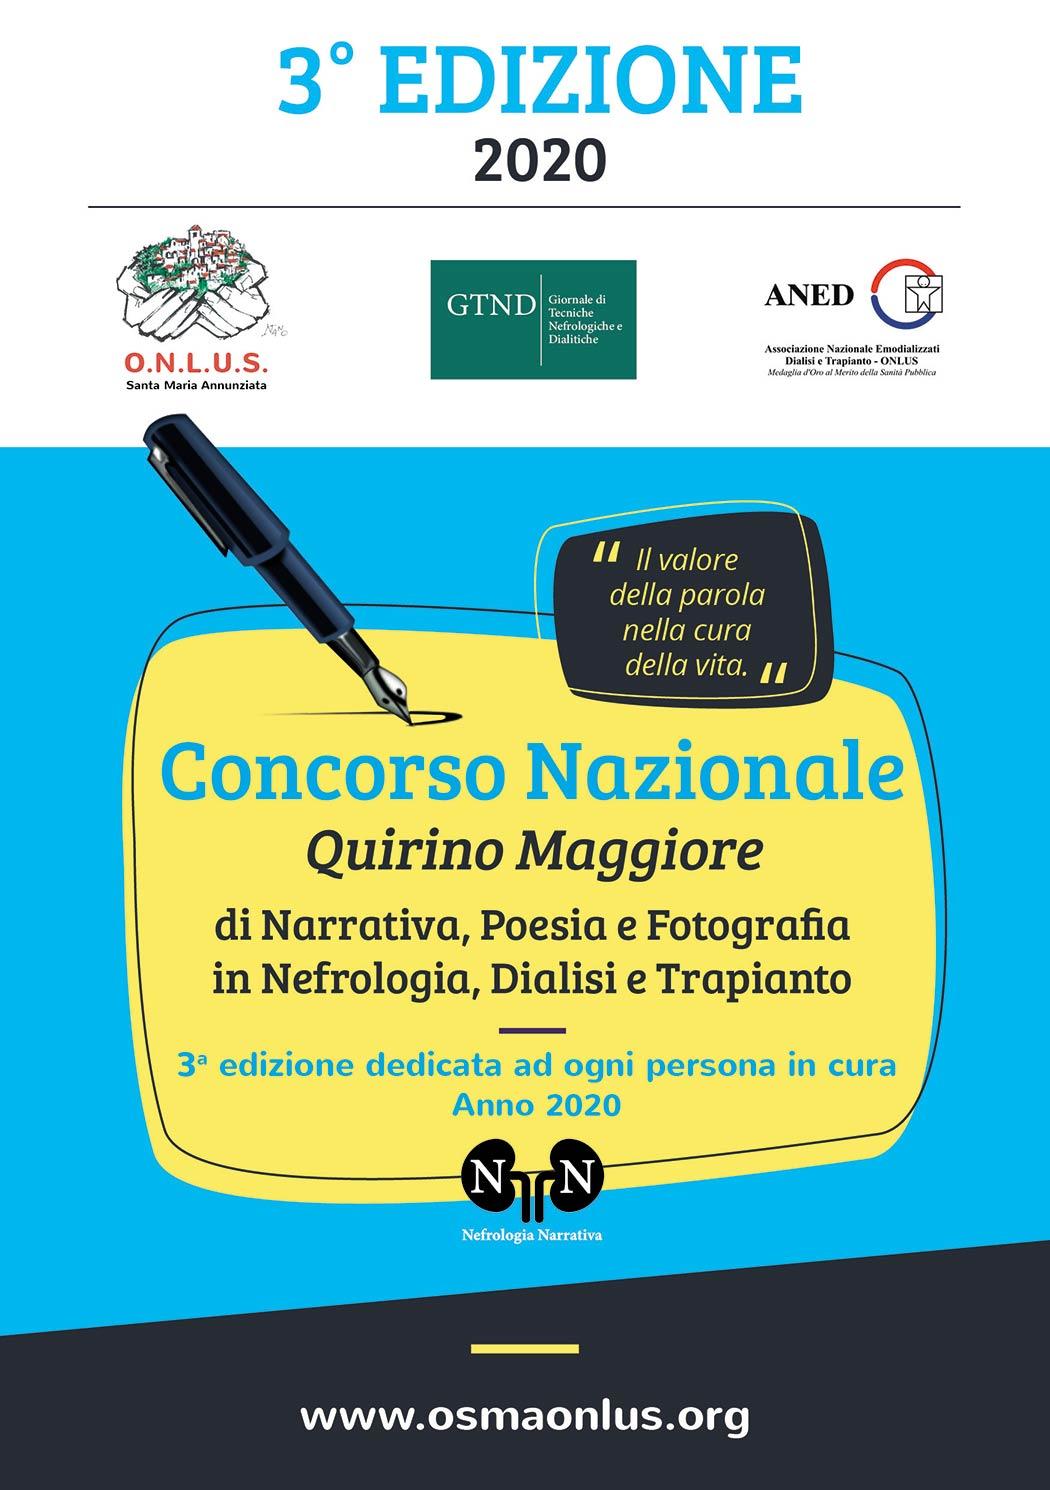 Al via l'edizione 2020 del Concorso letterario Quirino Maggiore di Narrativa, Poesia e Fotografia in Nefrologia, Dialisi e Trapianto 2020